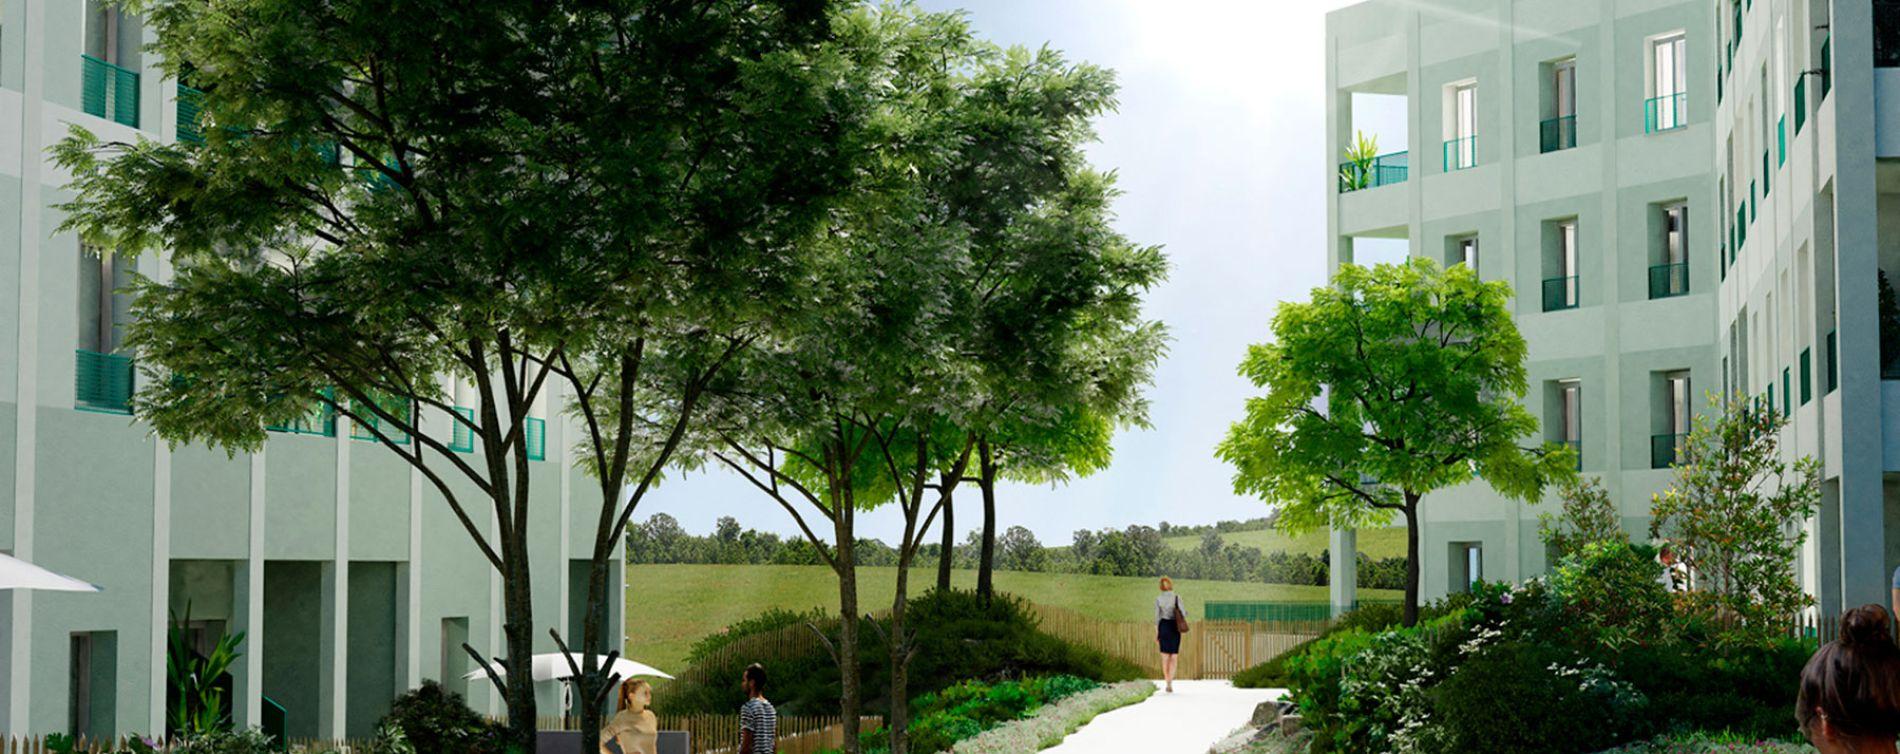 Résidence Arbor & Sens à Vezin-le-Coquet